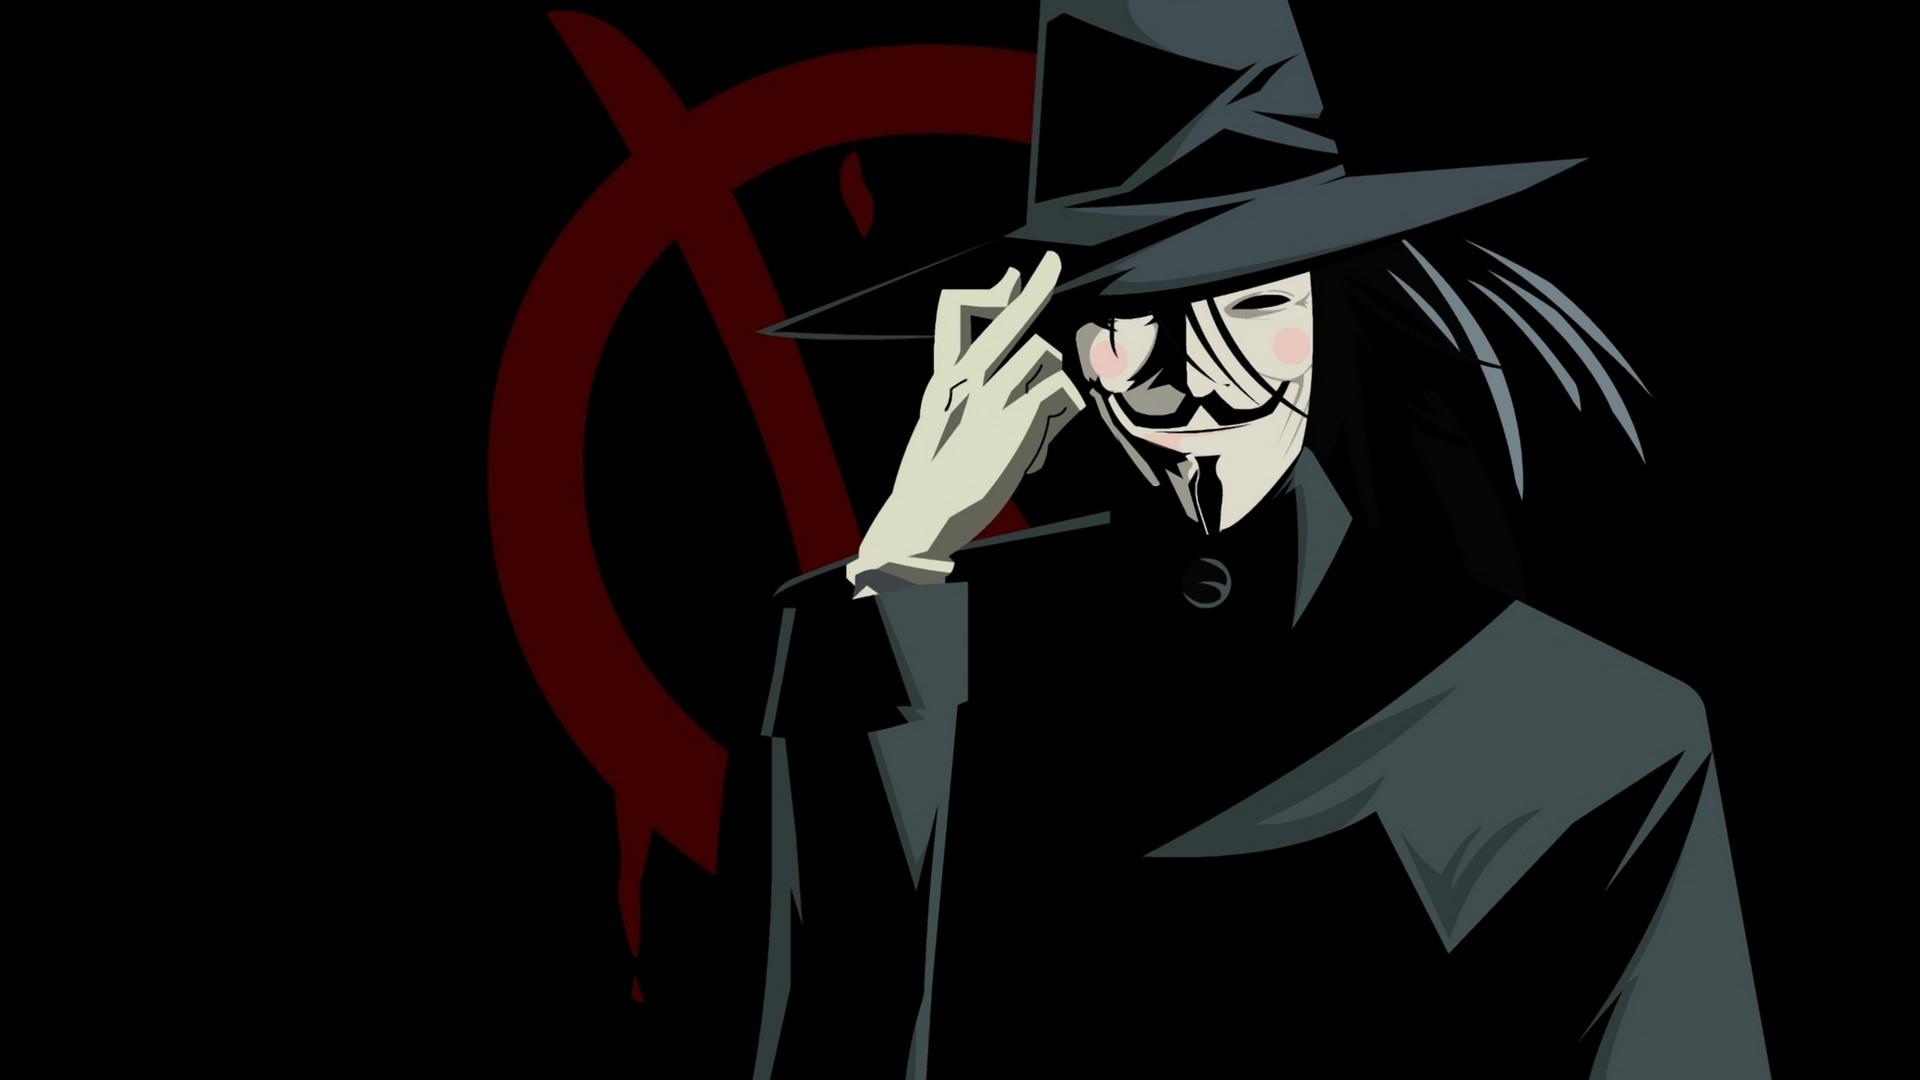 V For Vendetta Wallpaper Quotes Wallpaper 1920x1080 Px Anonymous Artwork V For